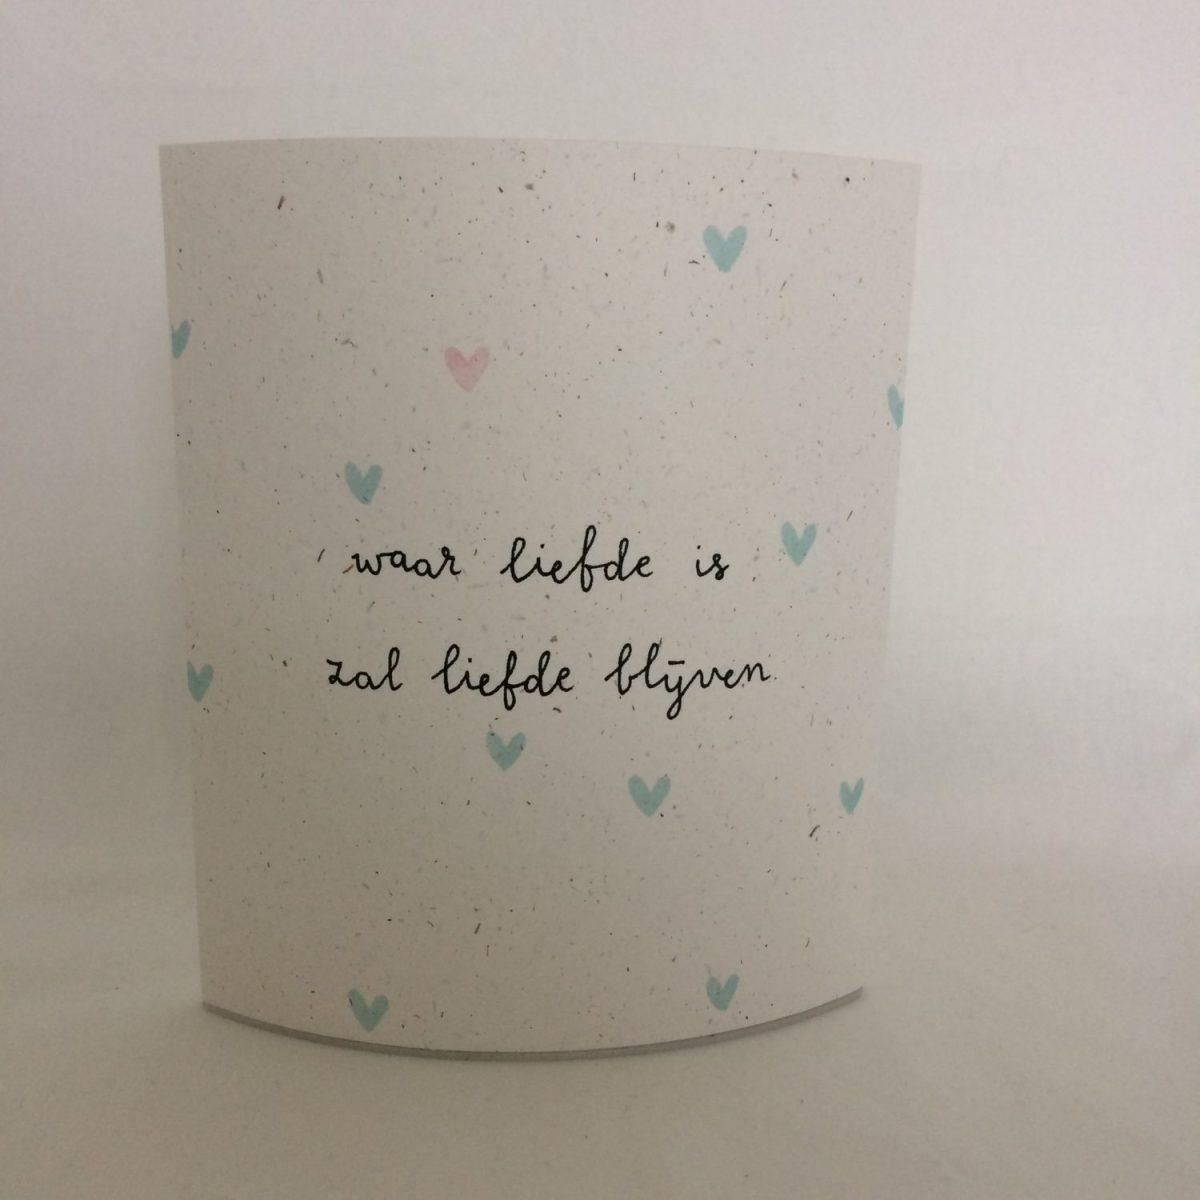 Waar liefde is, lichtje voor jou, waterplant papier, lichtpuntje, liefsvanlauren.nl